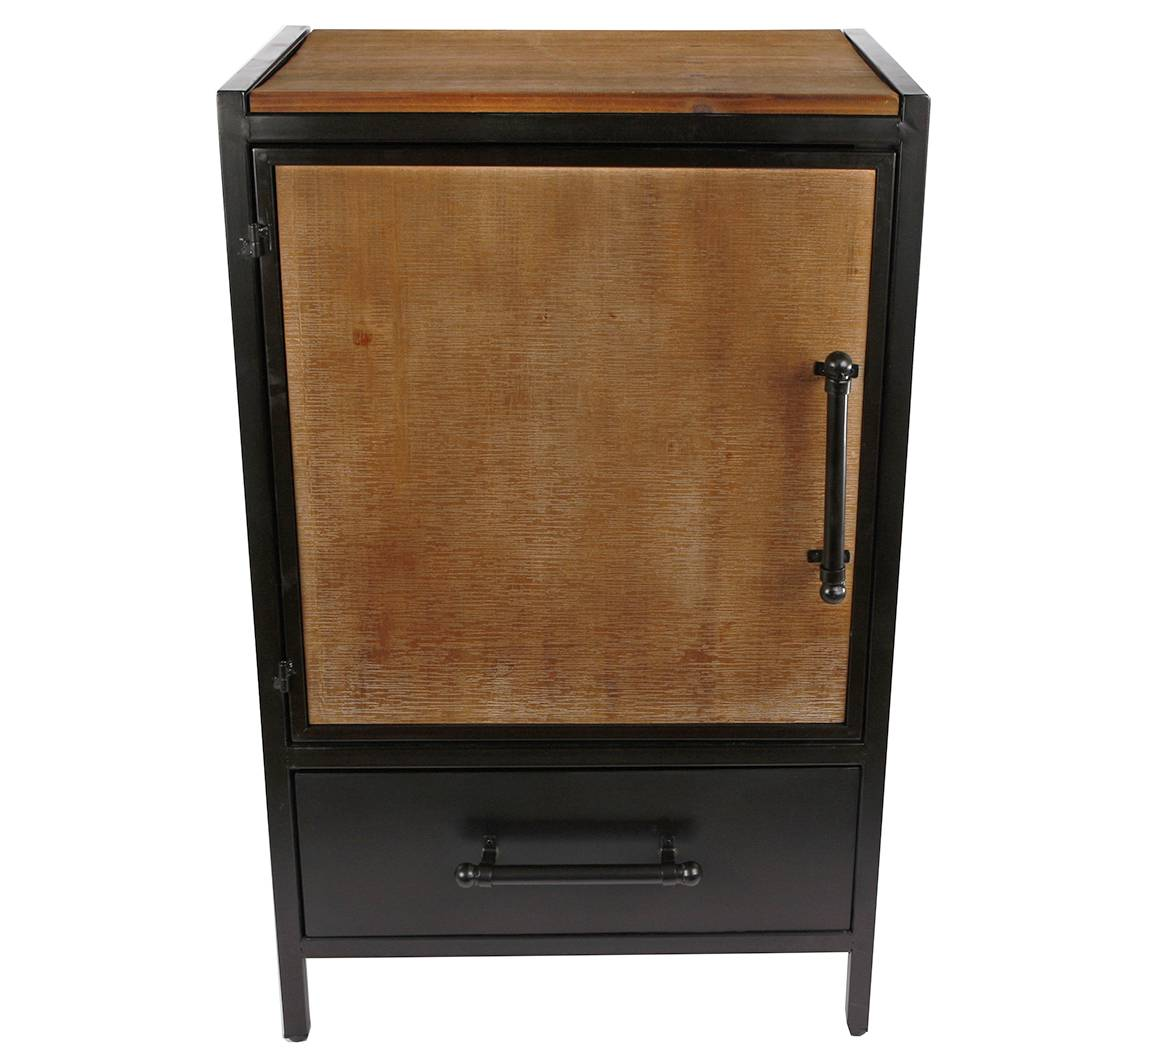 Poignée De Meuble Industrielle meuble d'appoint caisson industriel console de rangement indus petite  armoire en acier 35x50,5x81cm